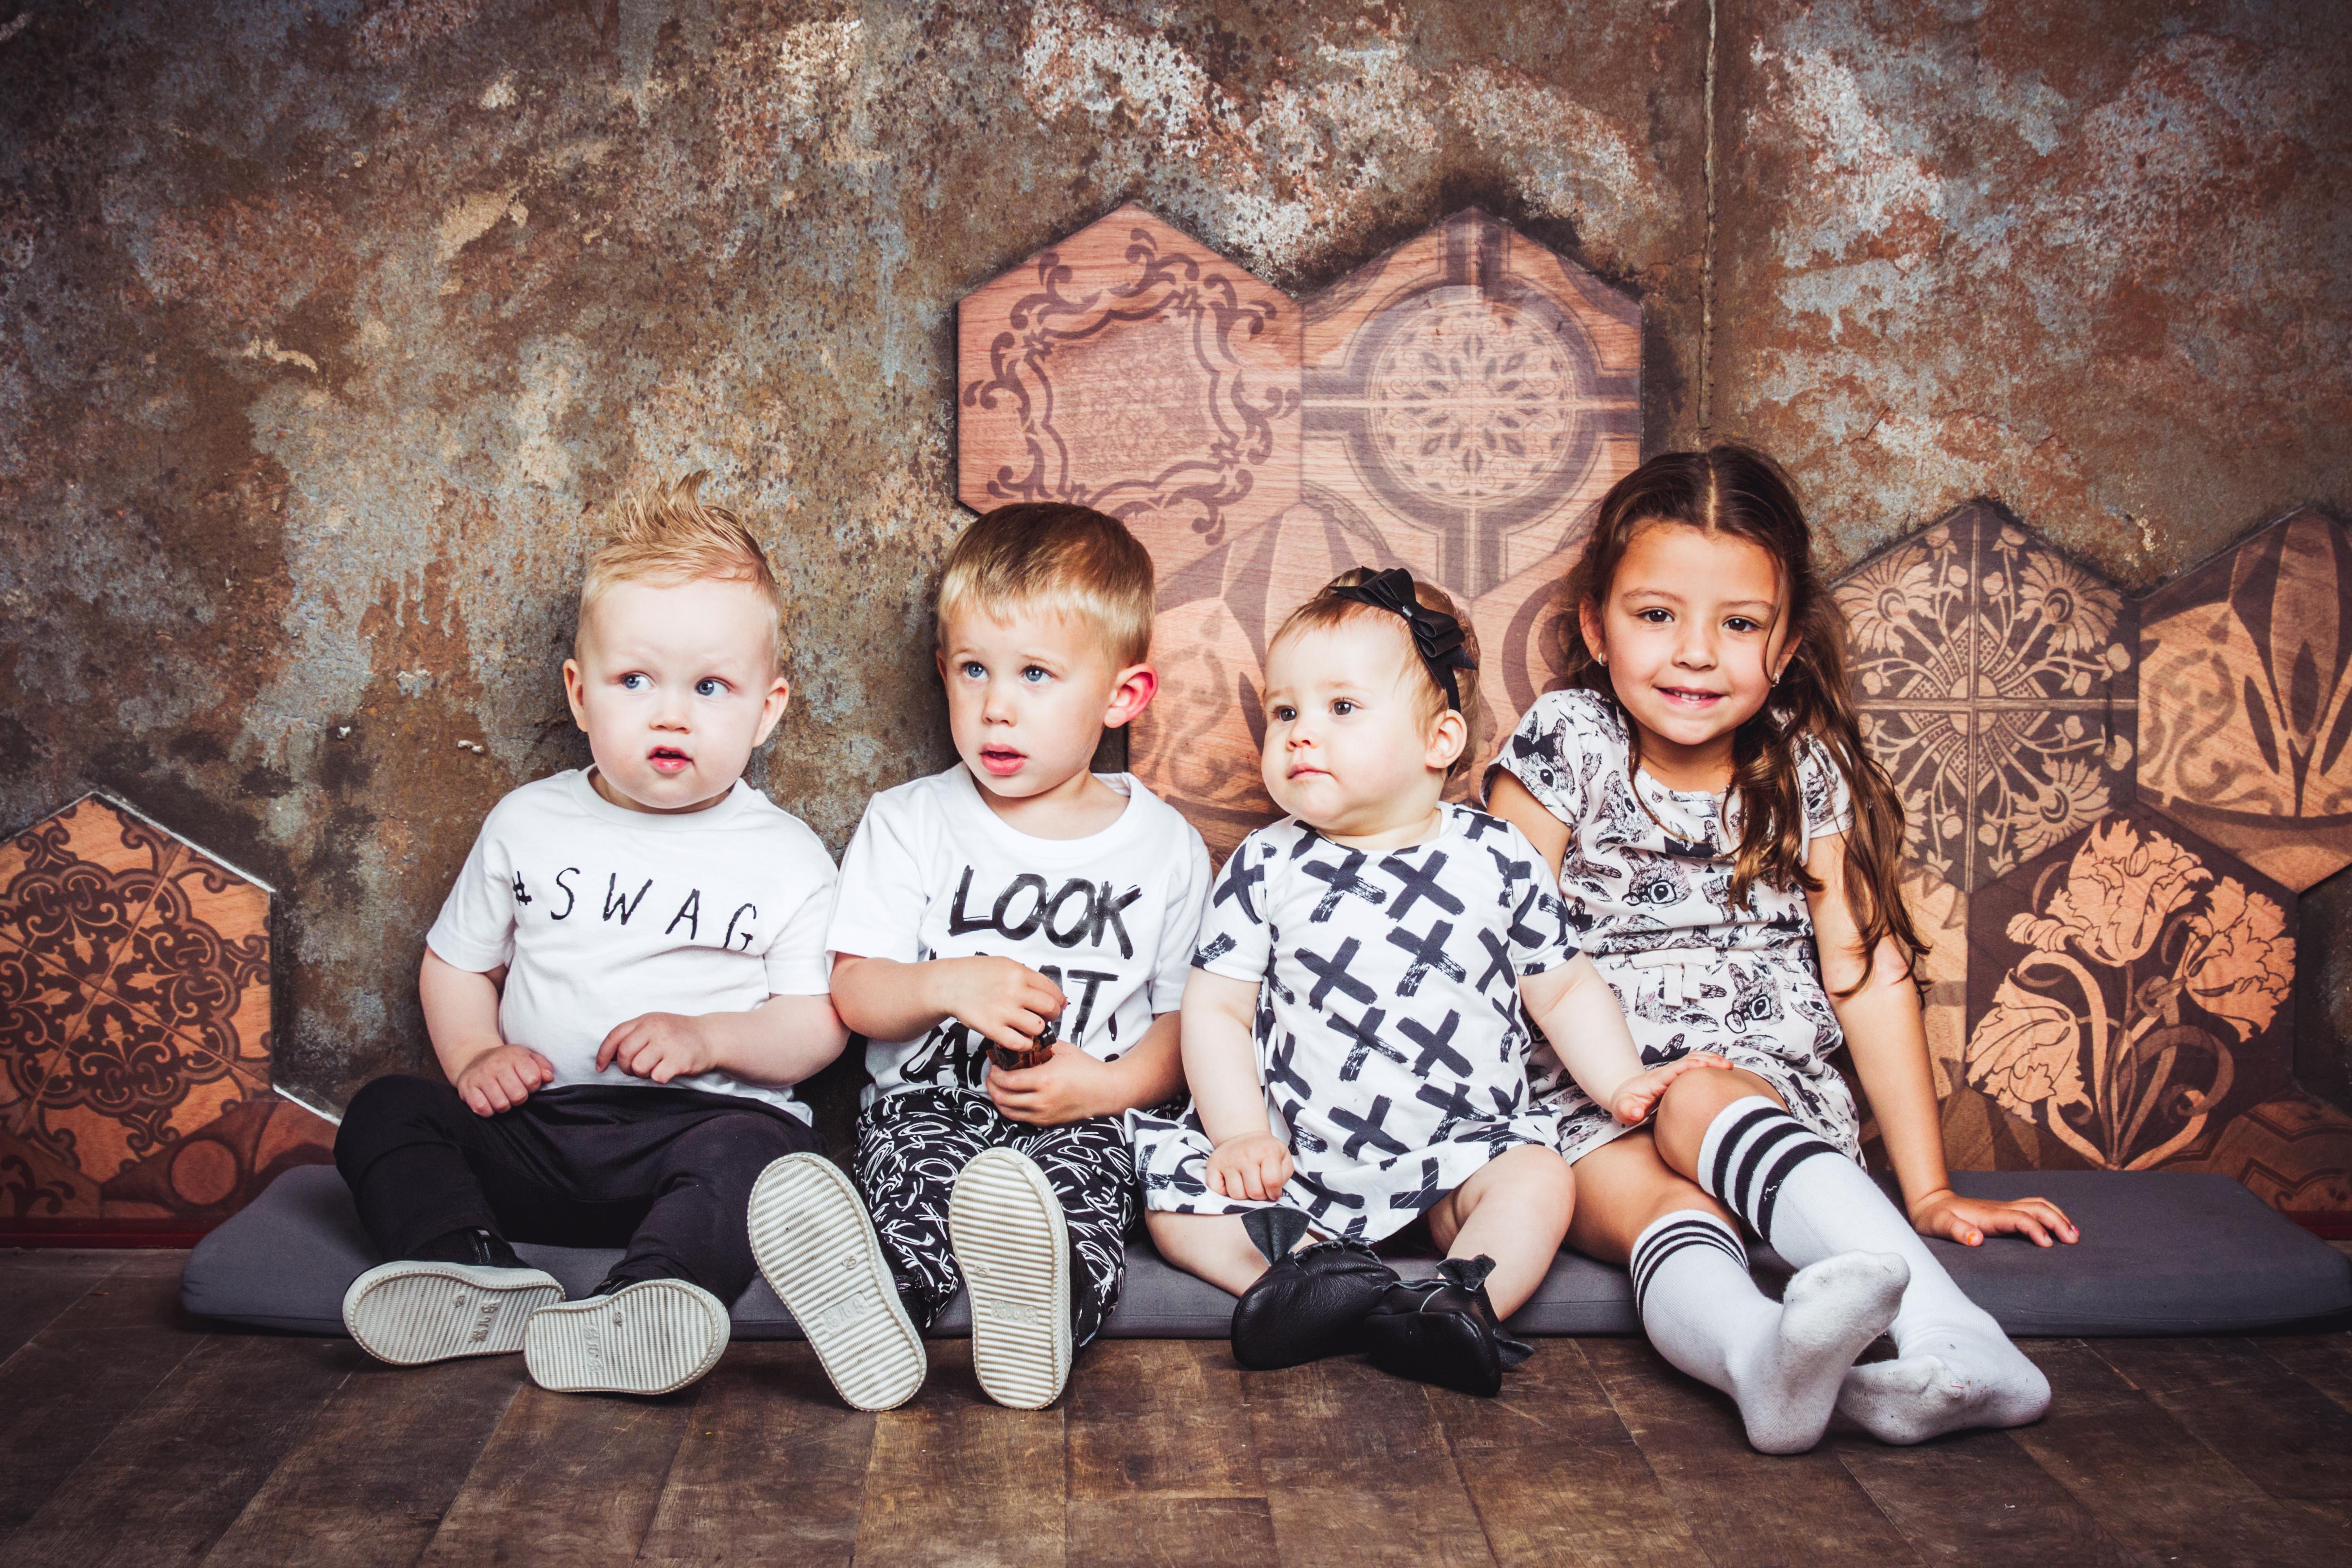 KidsbySannevandenEndefotografie-6